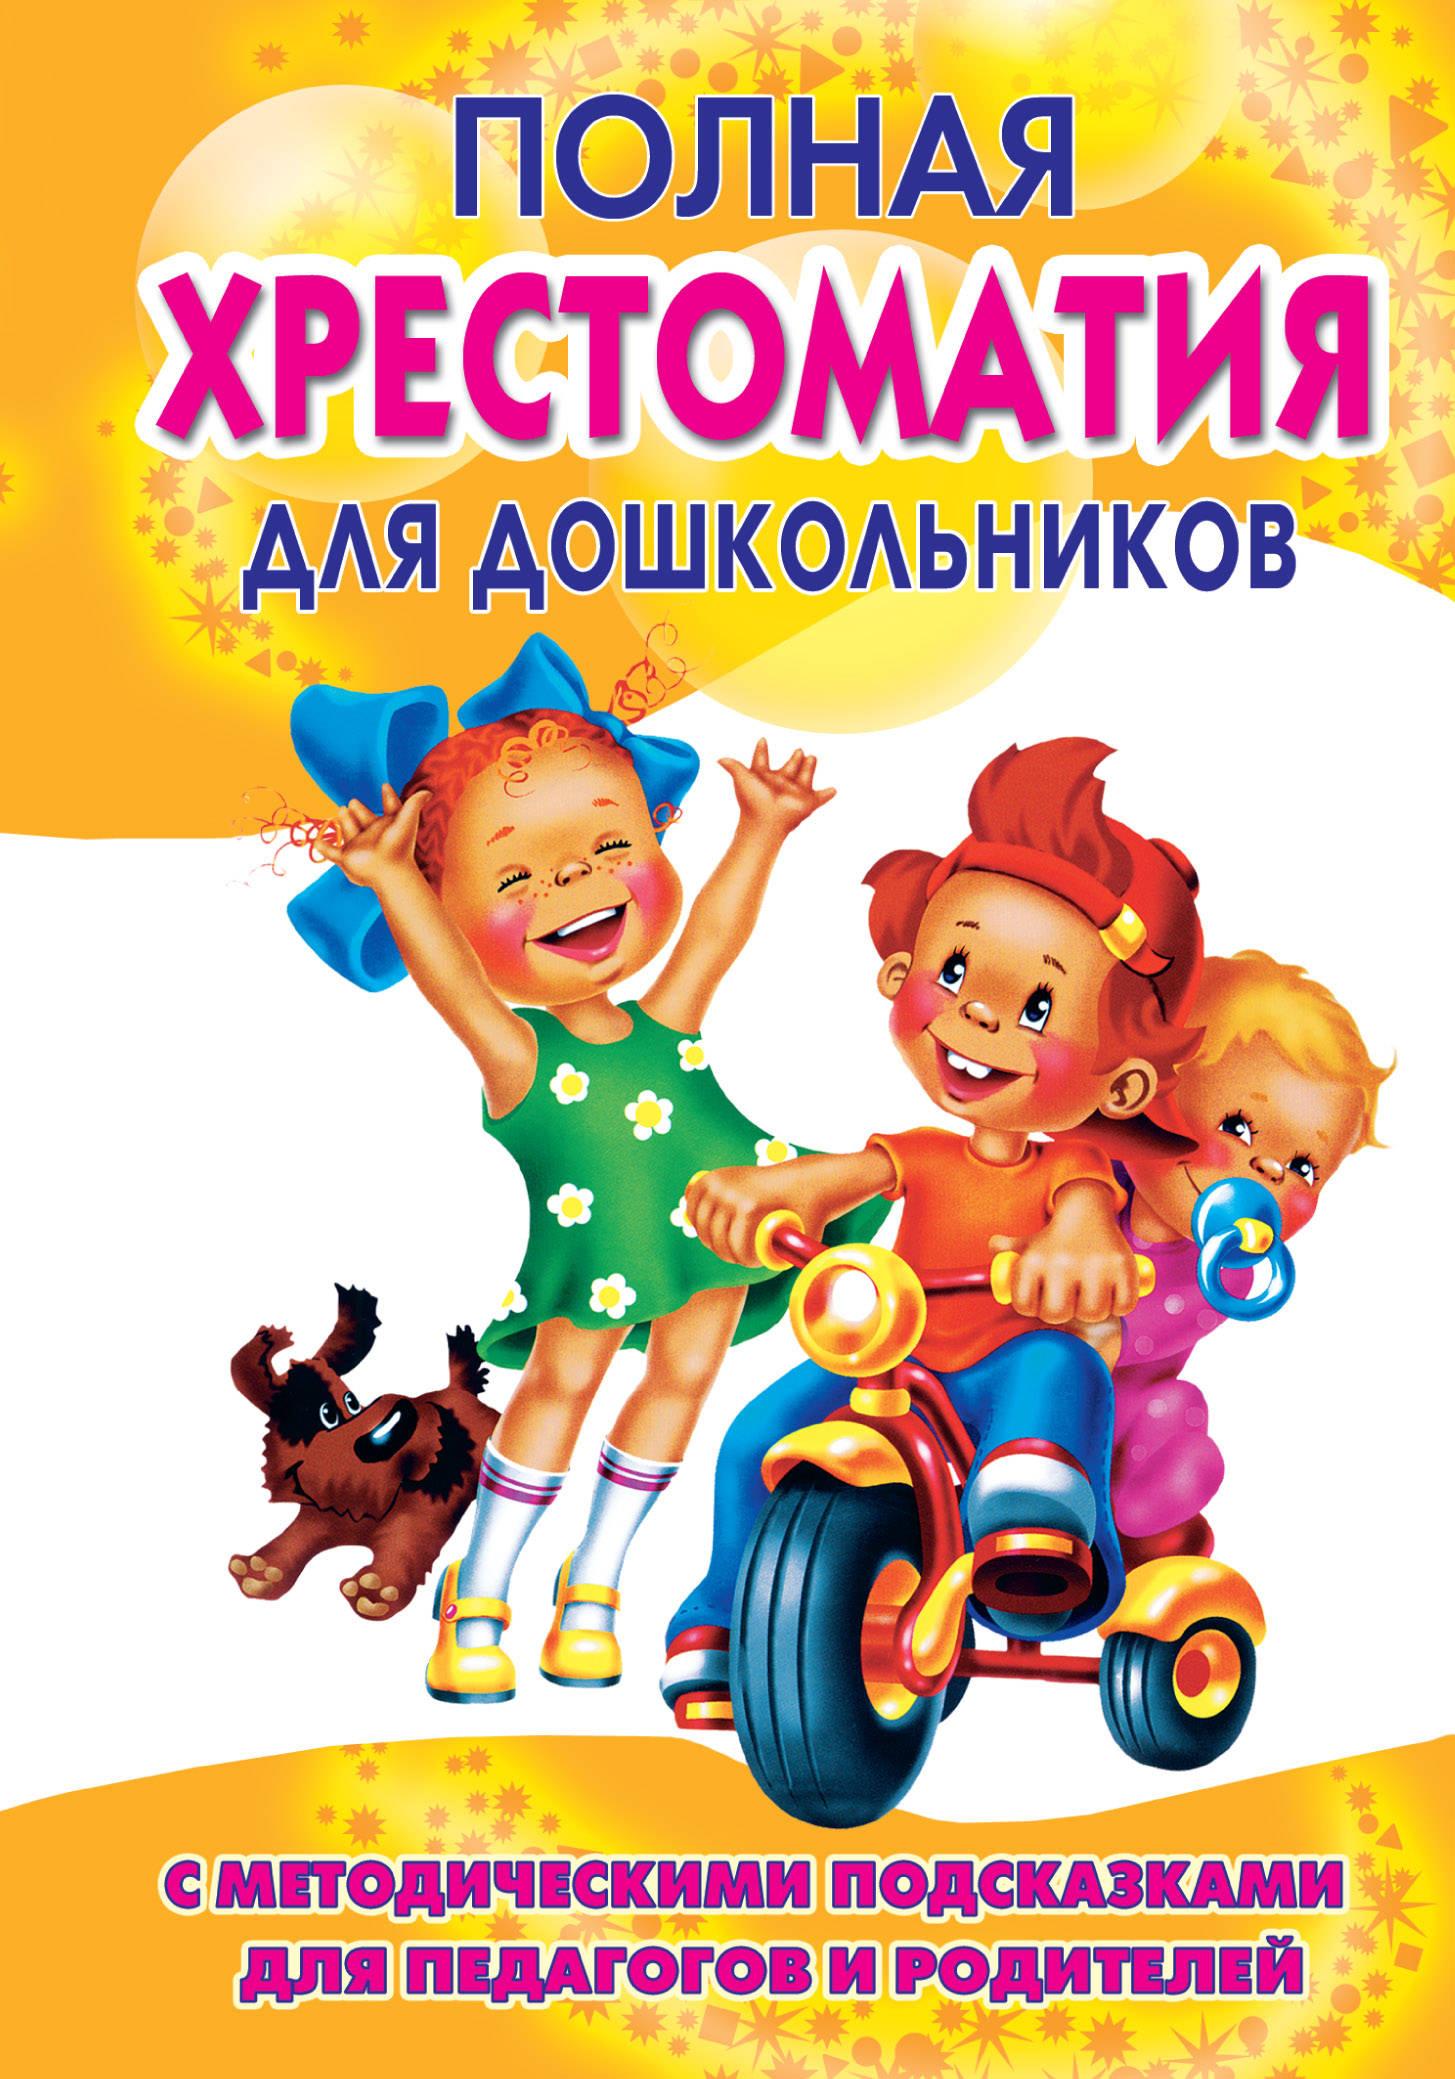 Купить Полная хрестоматия для дошкольников с методическими подсказками. Книга 1, АСТ, Книги по обучению и развитию детей